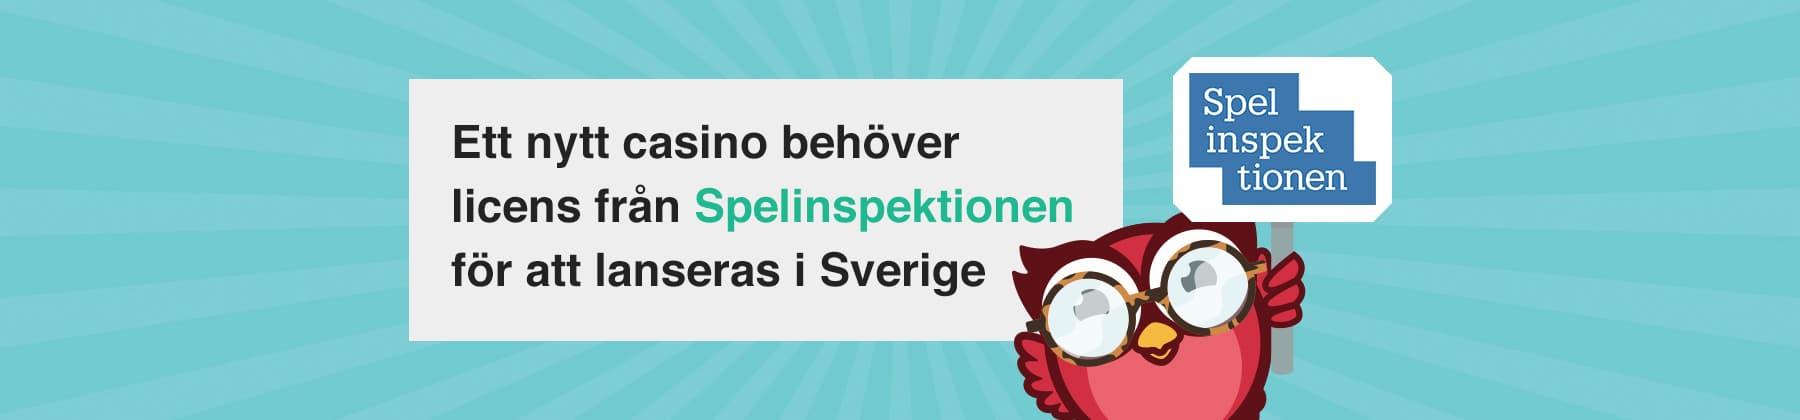 Ett nytt casino behöver licens från Spelinspektionen för att lansera i Sverige